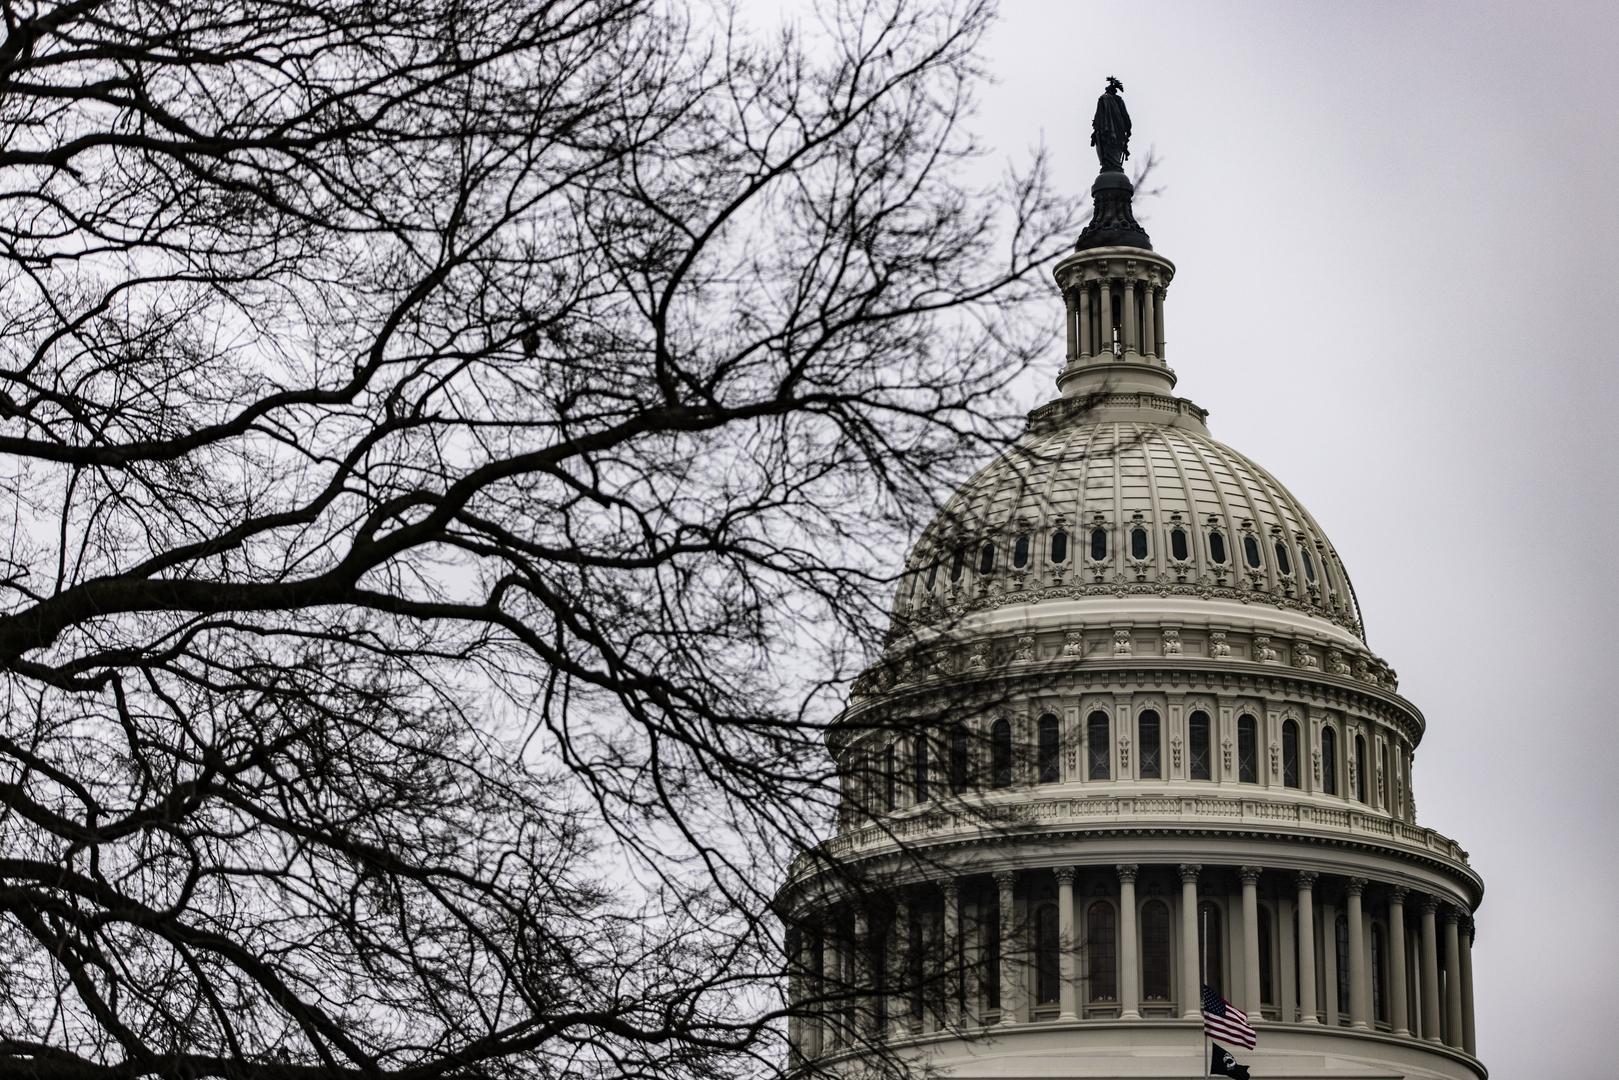 الجمهوريون في مجلس الشيوخ يحبطون المساعي لتشكيل لجنة للتحقيق في اقتحام الكابيتول